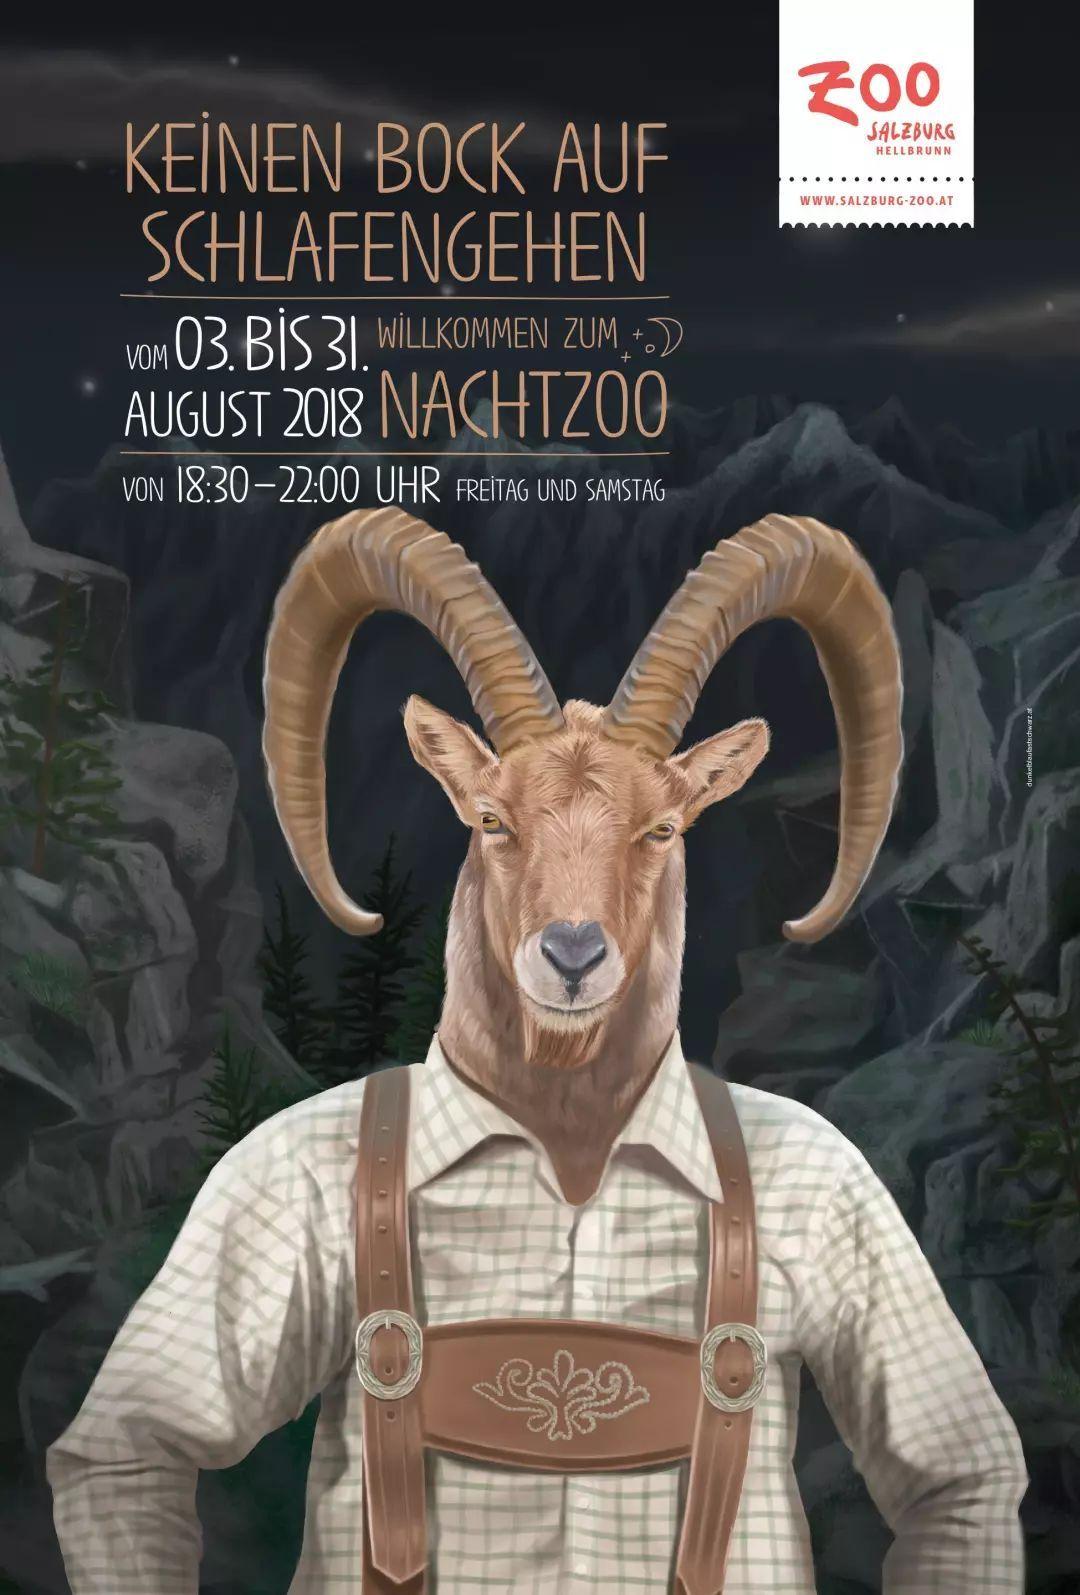 广告海报设计欣赏  有哪些优秀的动物园广告海报